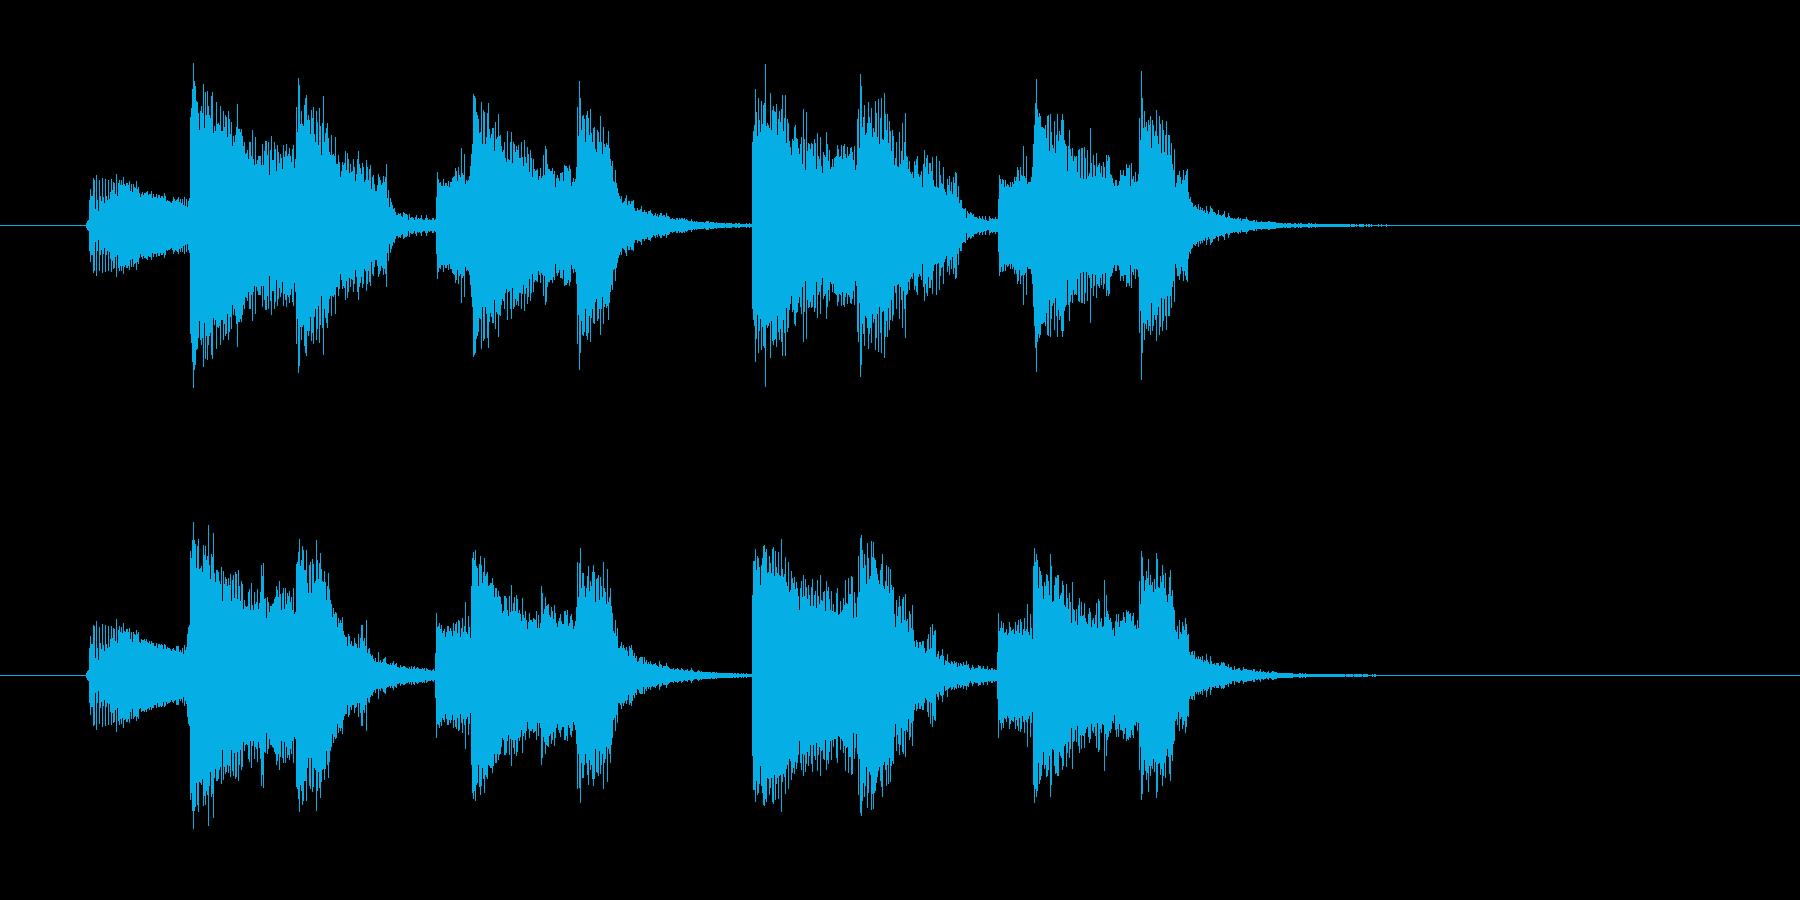 インパクトのあるエレキギターのジングルの再生済みの波形